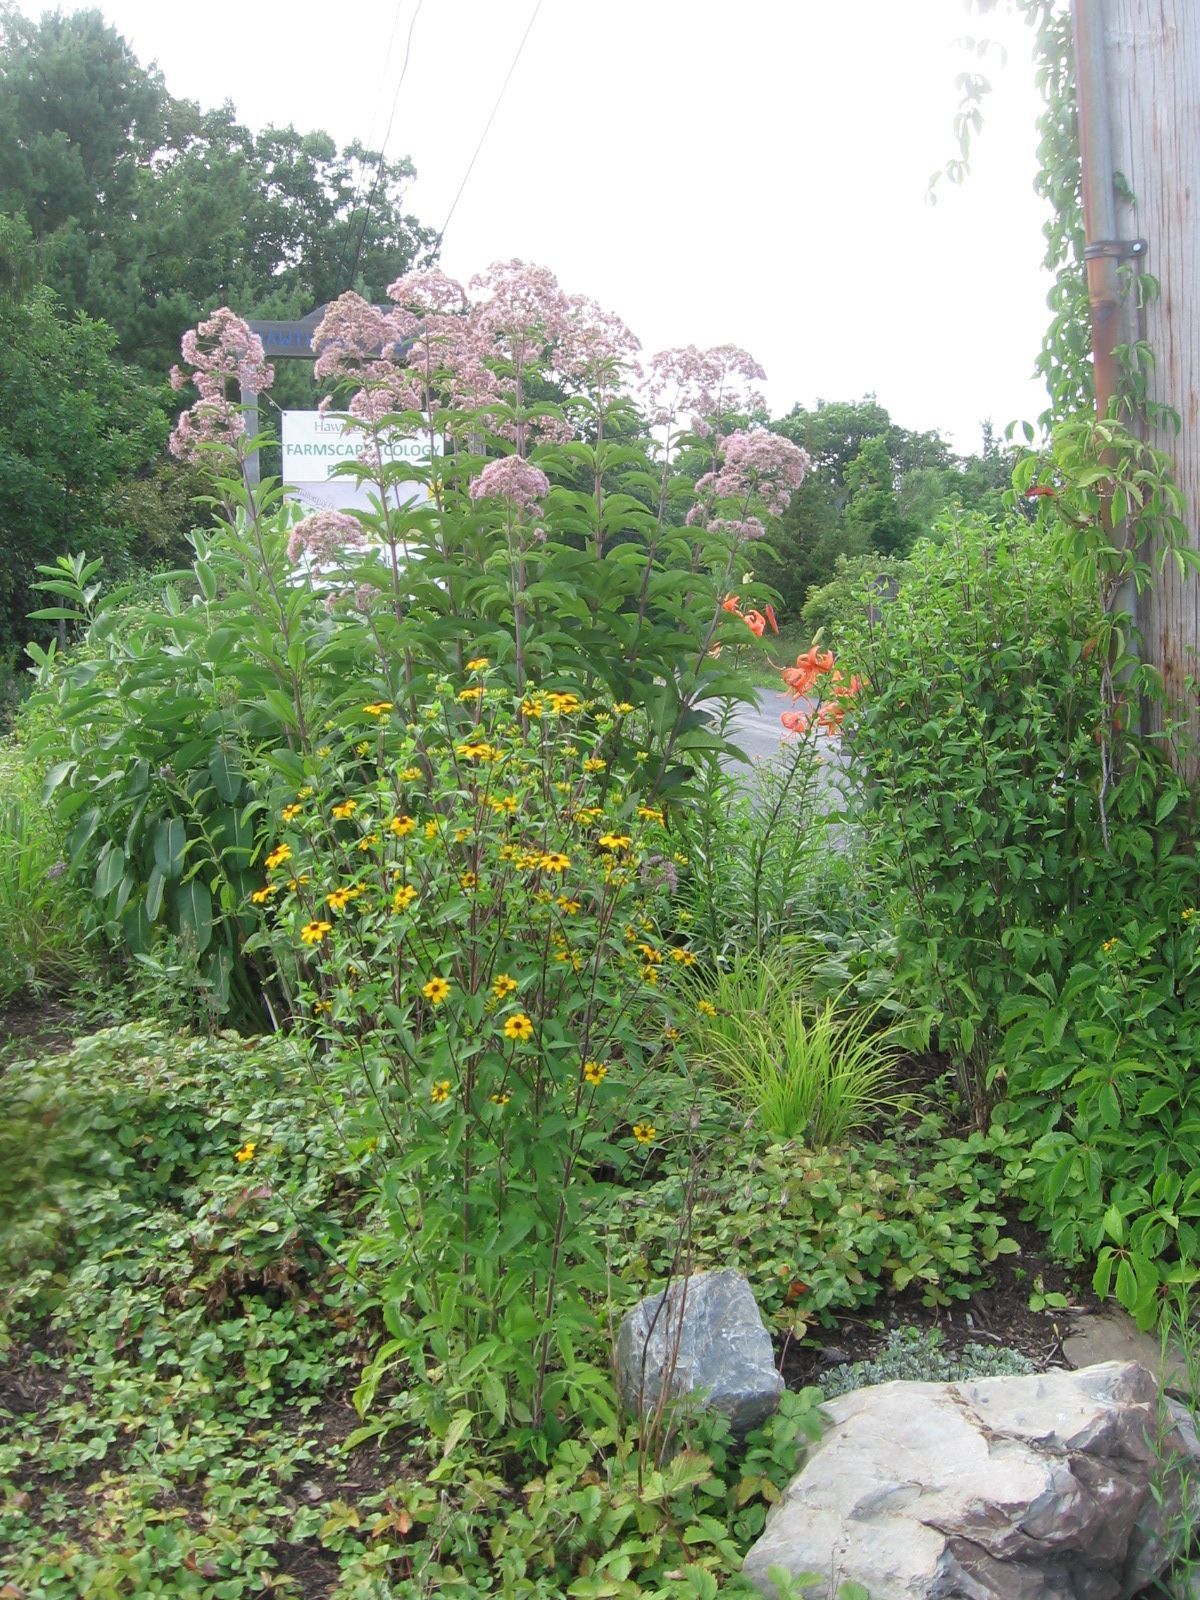 Roadside Garden in July 2012